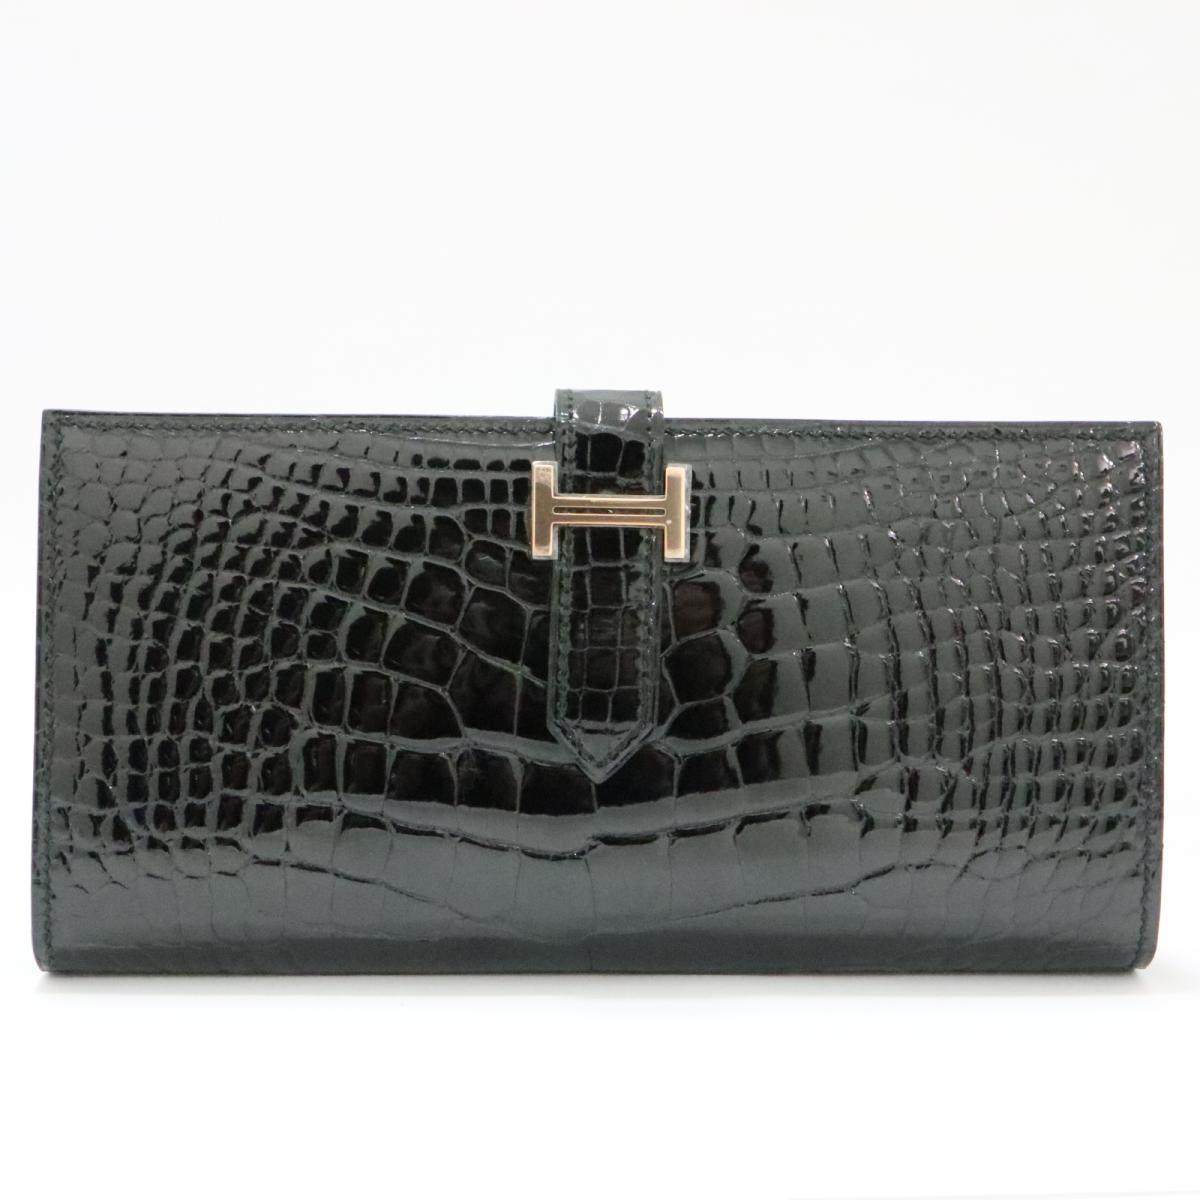 【おすすめ!】ベアンスフレ 二つ折り長財布/メンズ/レディース 長財布